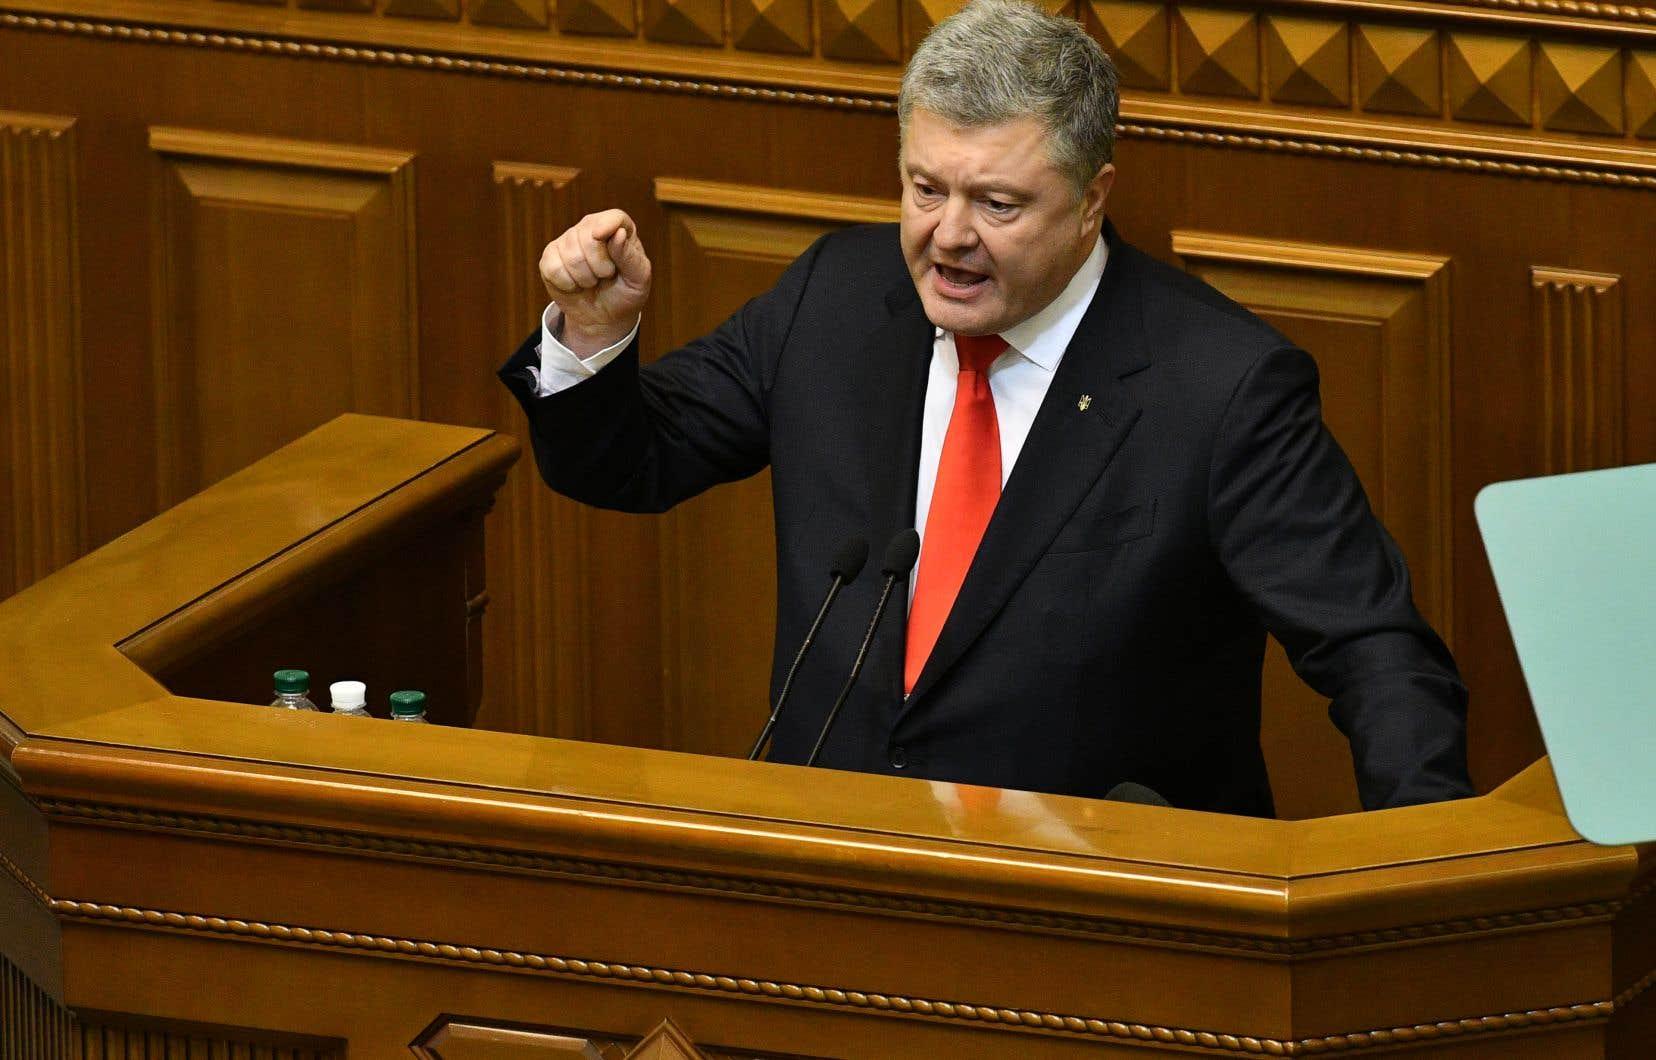 Le Parlement ukrainien a voté lundi pour imposer la loi martiale dans certaines parties du pays afin de lutter contre ce que son président, Petro Porochenko, a qualifié «d'agression croissante» de Moscou.